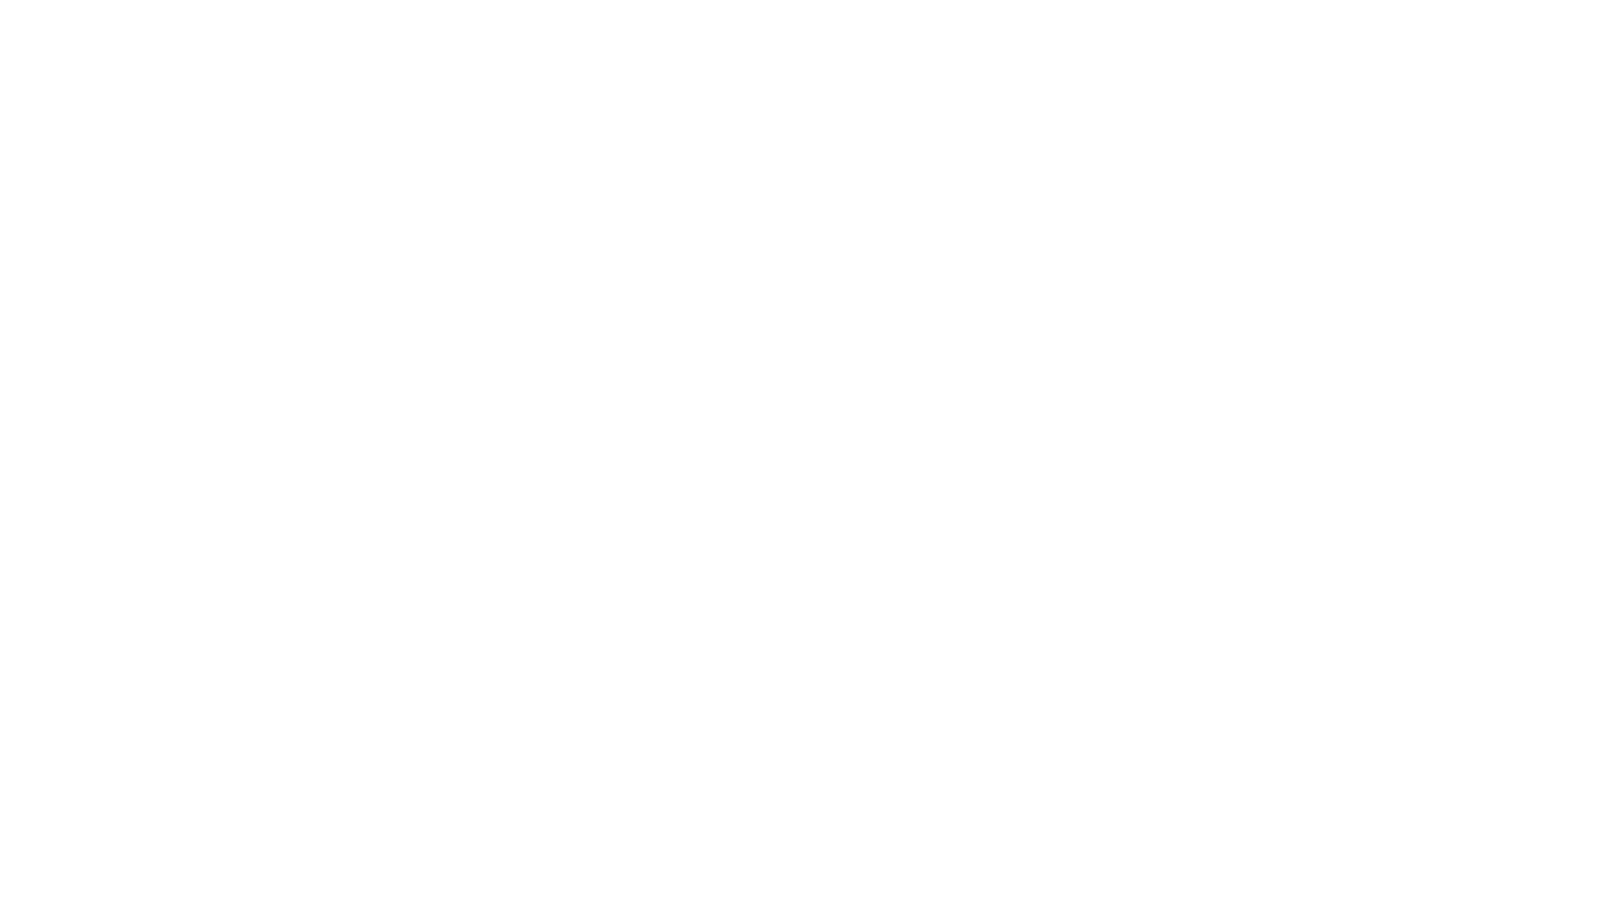 """Santo Domingo, R.D.- La vicepresidenta de la República y coordinadora del Gabinete de Salud, Raquel Peña, aseguró que la aplicación de la segunda dosis de la vacuna contra el COVID-19 avanza de manera exitosa en el Gran Santo Domingo y las diferentes provincias del país.  Al recorrer este sábado diversos centros de vacunación en el Distrito Nacional y Santo Domingo Este, en el marco del Plan Nacional «Vacúnate RD», Peña sostuvo que desde el gobierno que encabeza el presidente Luis Abinader, no se detendrán hasta inocular a toda la población y vencer la pandemia.  """"El proceso de vacunación marcha a pasos firmes, no pararemos hasta ganarle juntos la batalla al COVID-19; reitero el llamado a nuestros conciudadanos a que acudan a recibir su segunda dosis en la fecha indicada en sus tarjetas de vacunación"""", expresó la vicemandataria.  Raquel Peña recordó que los puntos de vacunación estarán abiertos a la población durante el asueto de la Semana Santa, para así garantizar que los dominicanos puedan ser vacunados con su segunda dosis en el tiempo que les corresponde.  Asimismo, la vicemandataria hizo un llamado a la población a respetar las medidas sanitarias dispuestas por las autoridades haciendo énfasis en mantener los cuidados durante la semana mayor. """"La vacunación será efectiva si va acompañada de el uso correcto de la mascarilla, el distanciamiento y el lavado de manos"""", puntualizó Peña.  La Vicepresidenta empezó el descenso de supervisión de centros en el Multicentro La Sirena, donde alrededor de 300 personas estaban recibiendo sus segundas dosis de la vacuna.  En el Multicentro La Sirena, la vicepresidenta compartió con la Sra. Mercedes Ramos, presidenta ejecutiva del Grupo Ramos, a quien le agradeció por su colaboración en el desarrollo de Vacúnate RD. """"El sector privado ha sido una pieza neurálgica en el desarrollo del Plan Nacional de Vacunación contra el COVID-19: Solo unidos venceremos esta pandemia"""", expresó Raquel Peña.  Luego, la vicepresidenta se dirigió """